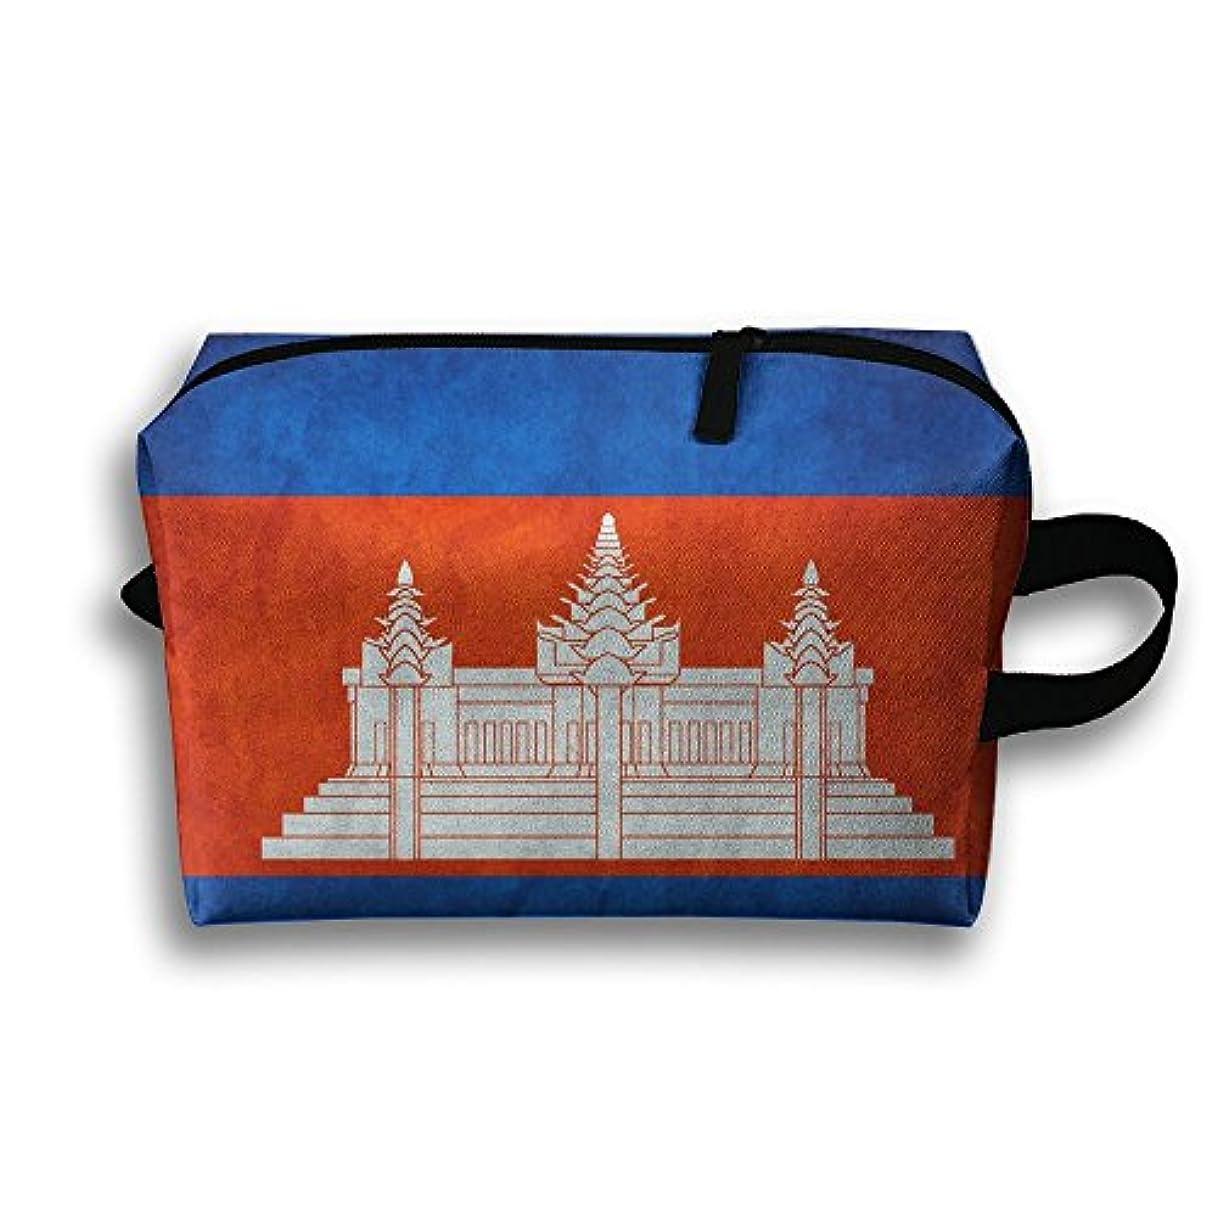 火星電圧簡潔なポーチ カンボジアの国旗 旅行用化粧品バッグ スマホアクセサリー ホテル PC周辺小物整理 小物入れ 大容量 軽量 収納 White